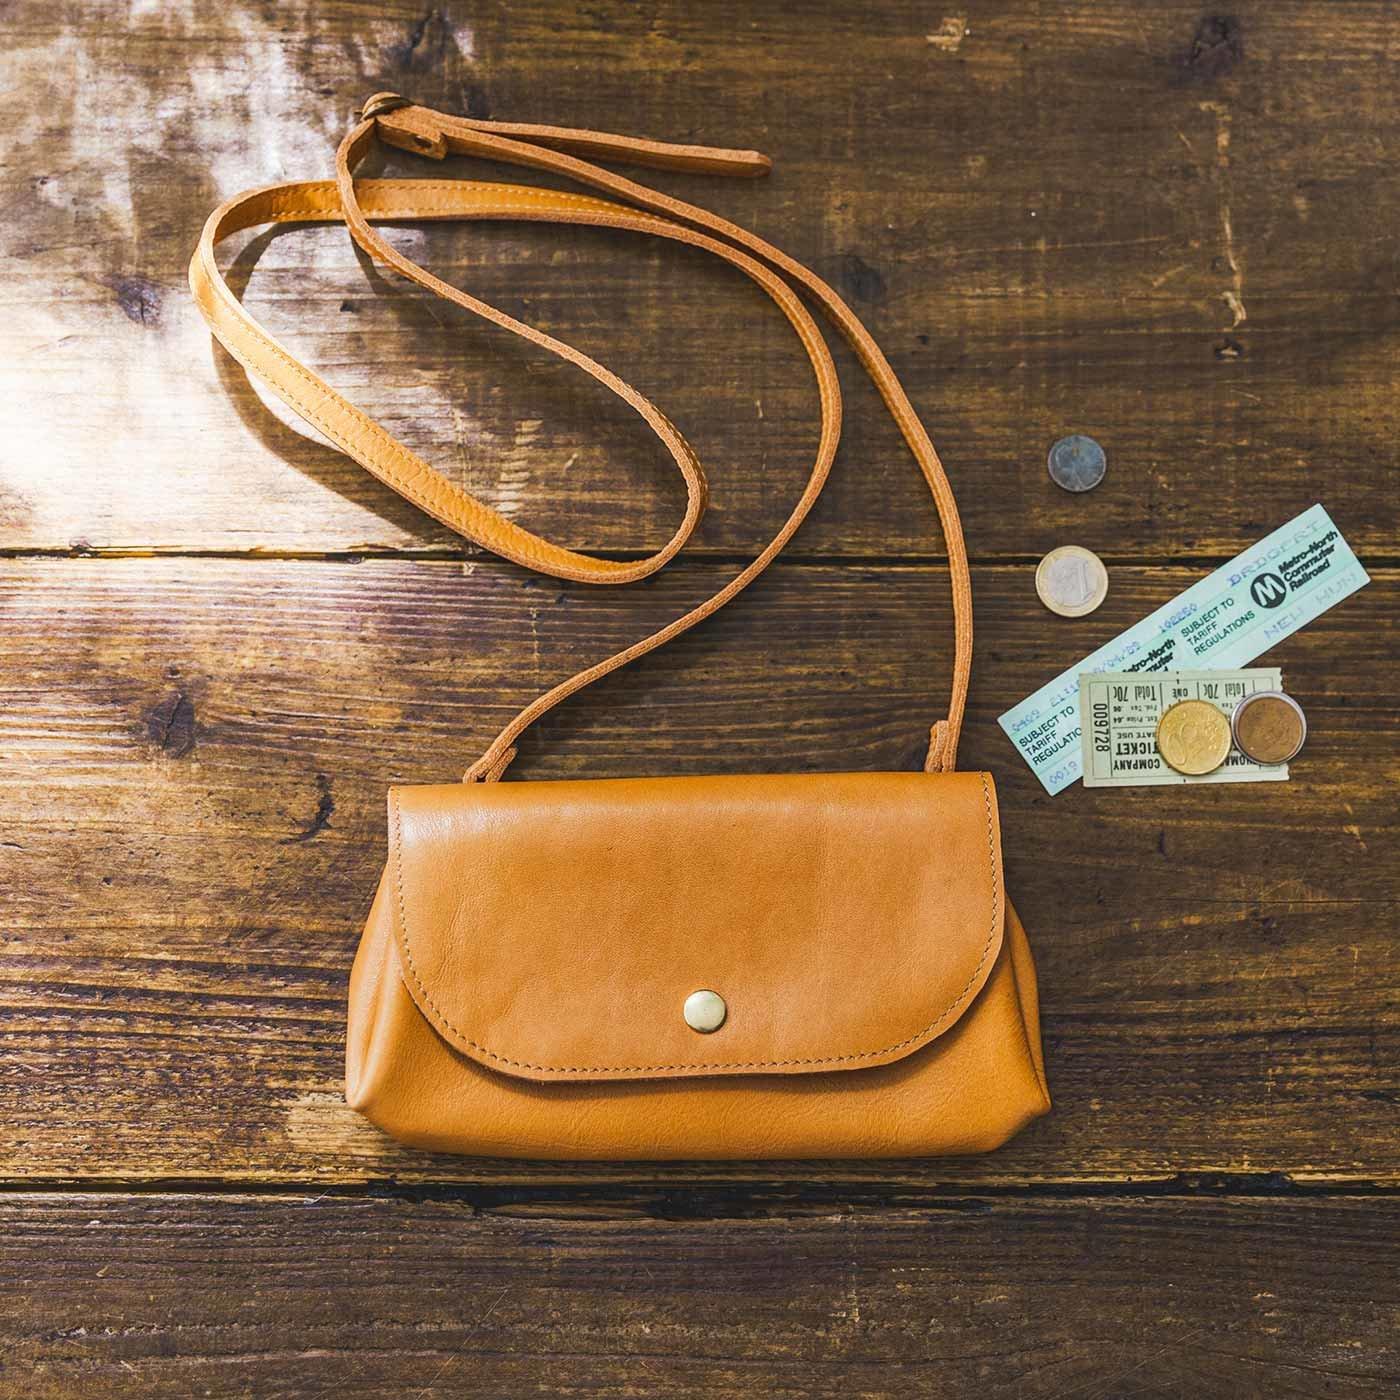 鞄(かばん)作家と作った 本革バルーンウォレットショルダー〈キャメル〉[本革 ポシェット:日本製]